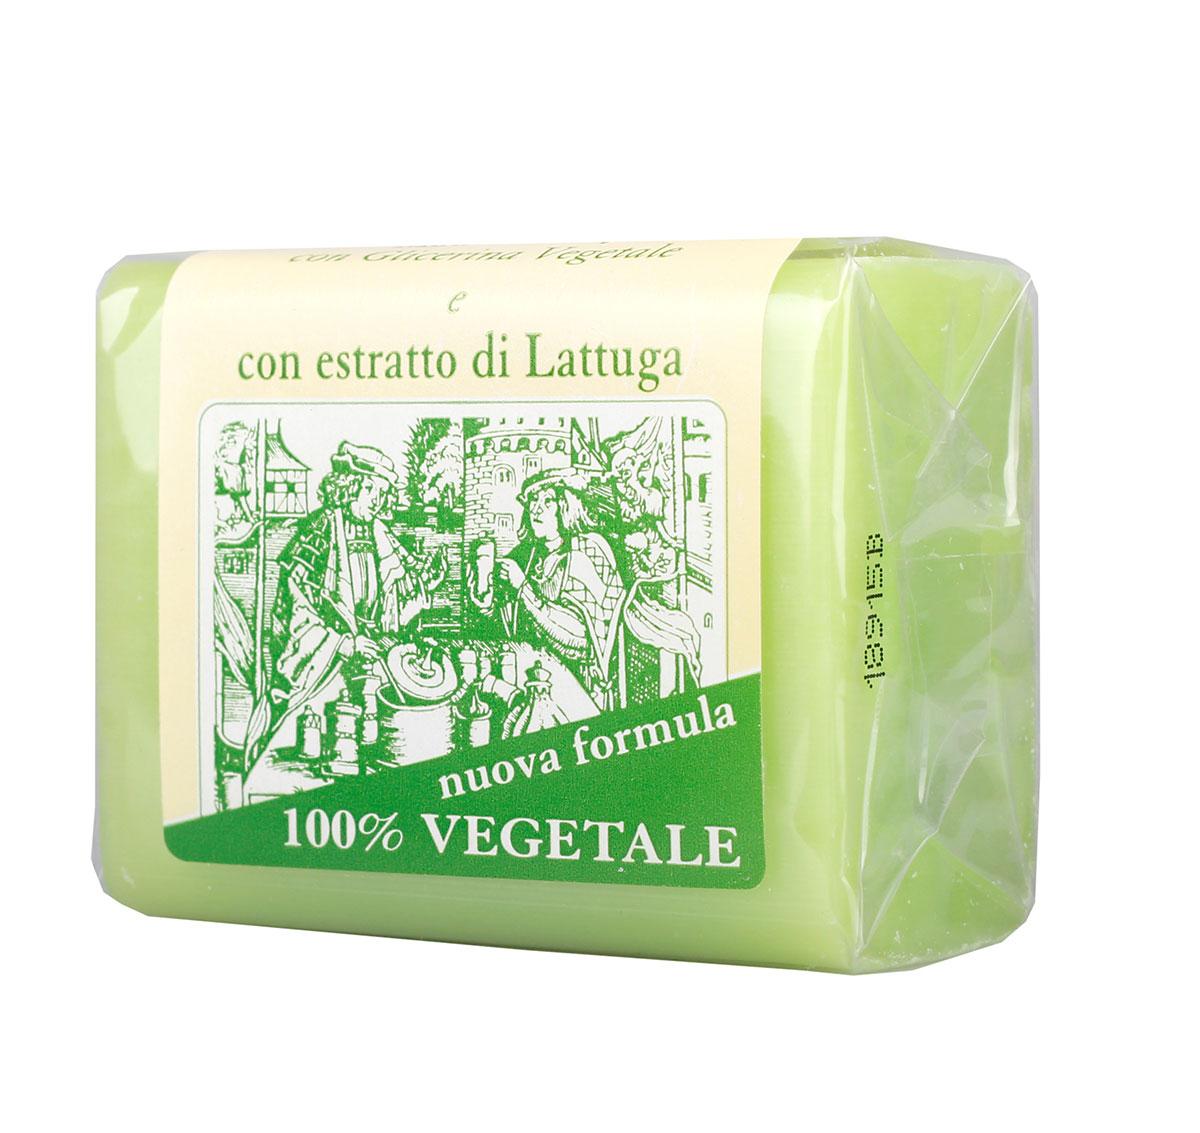 Iteritalia Мыло натуральное глицериновое с экстрактом латука, 150 г836/833ASНатуральное косметическое глицериновое мыло коллекции МАСТЕРА МЫЛОВАРЫ изготовлено из 100% растительных ингредиентов в соответствии с античными традициями мастеров Саронно. Обогащено глицерином и экстрактом латука, обладает очищающим и смягчающим действием. Подходит для всех типов кожи.